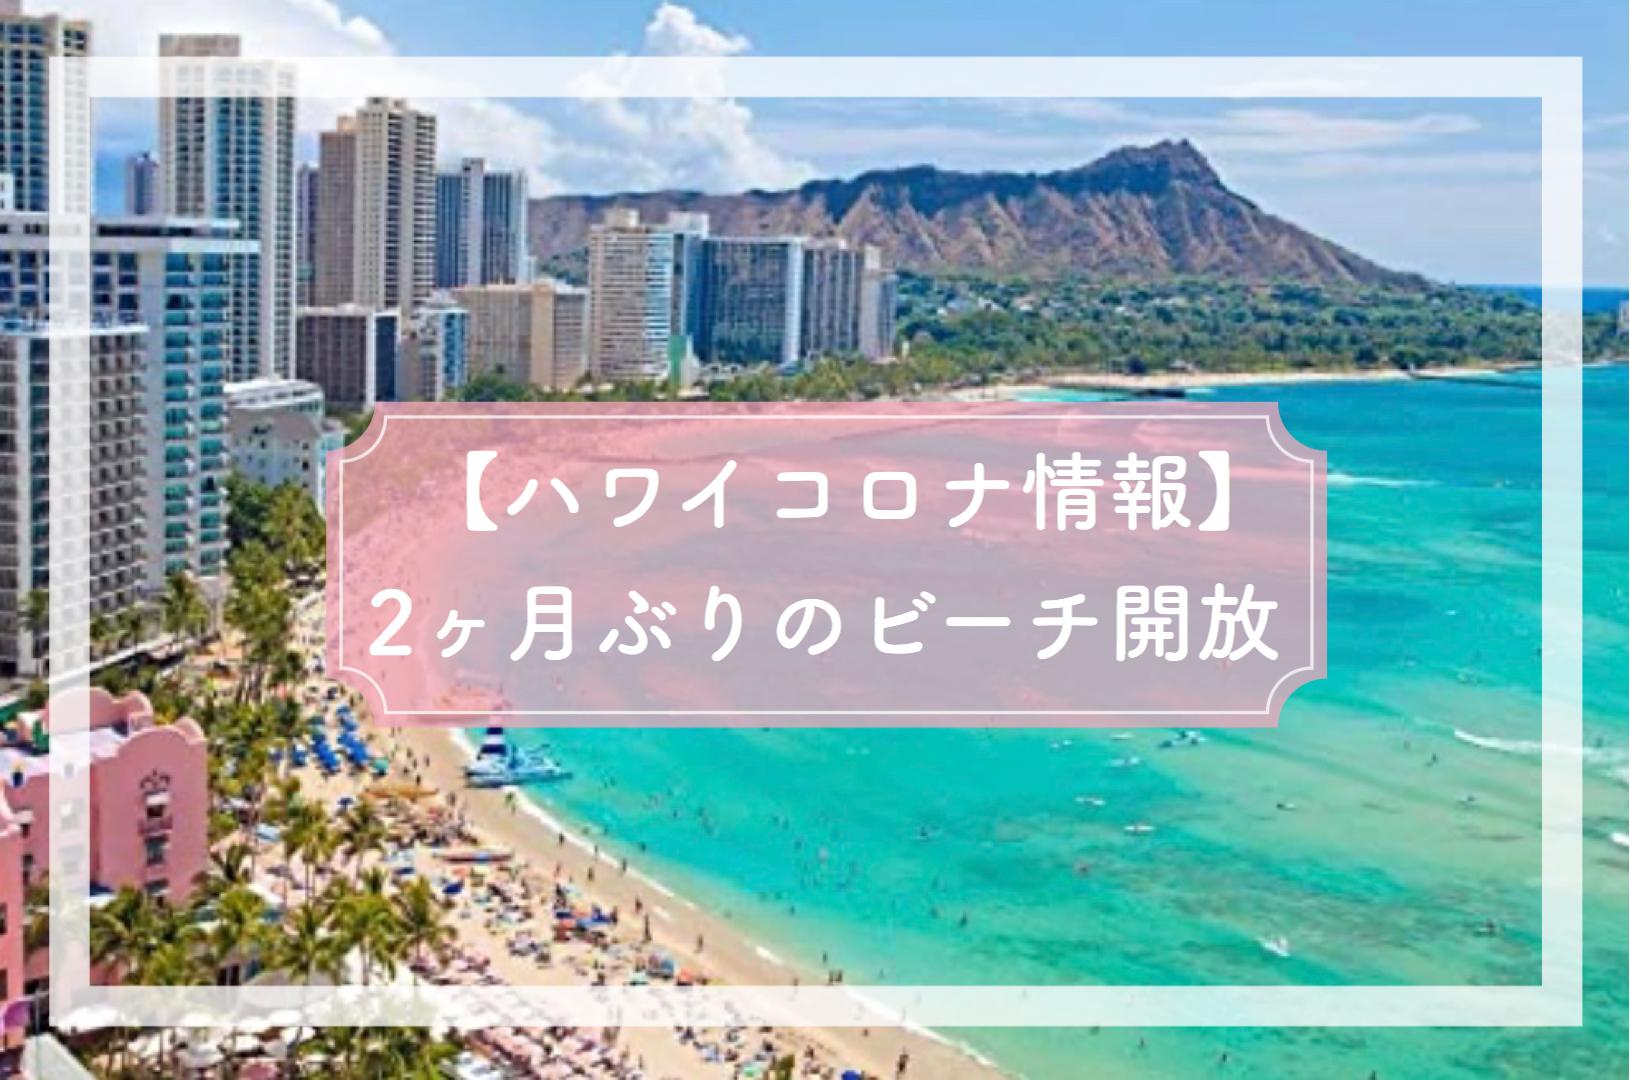 【ハワイコロナ情報】2ヶ月ぶりにビーチが開放 隔離違反の渡航者が逮捕